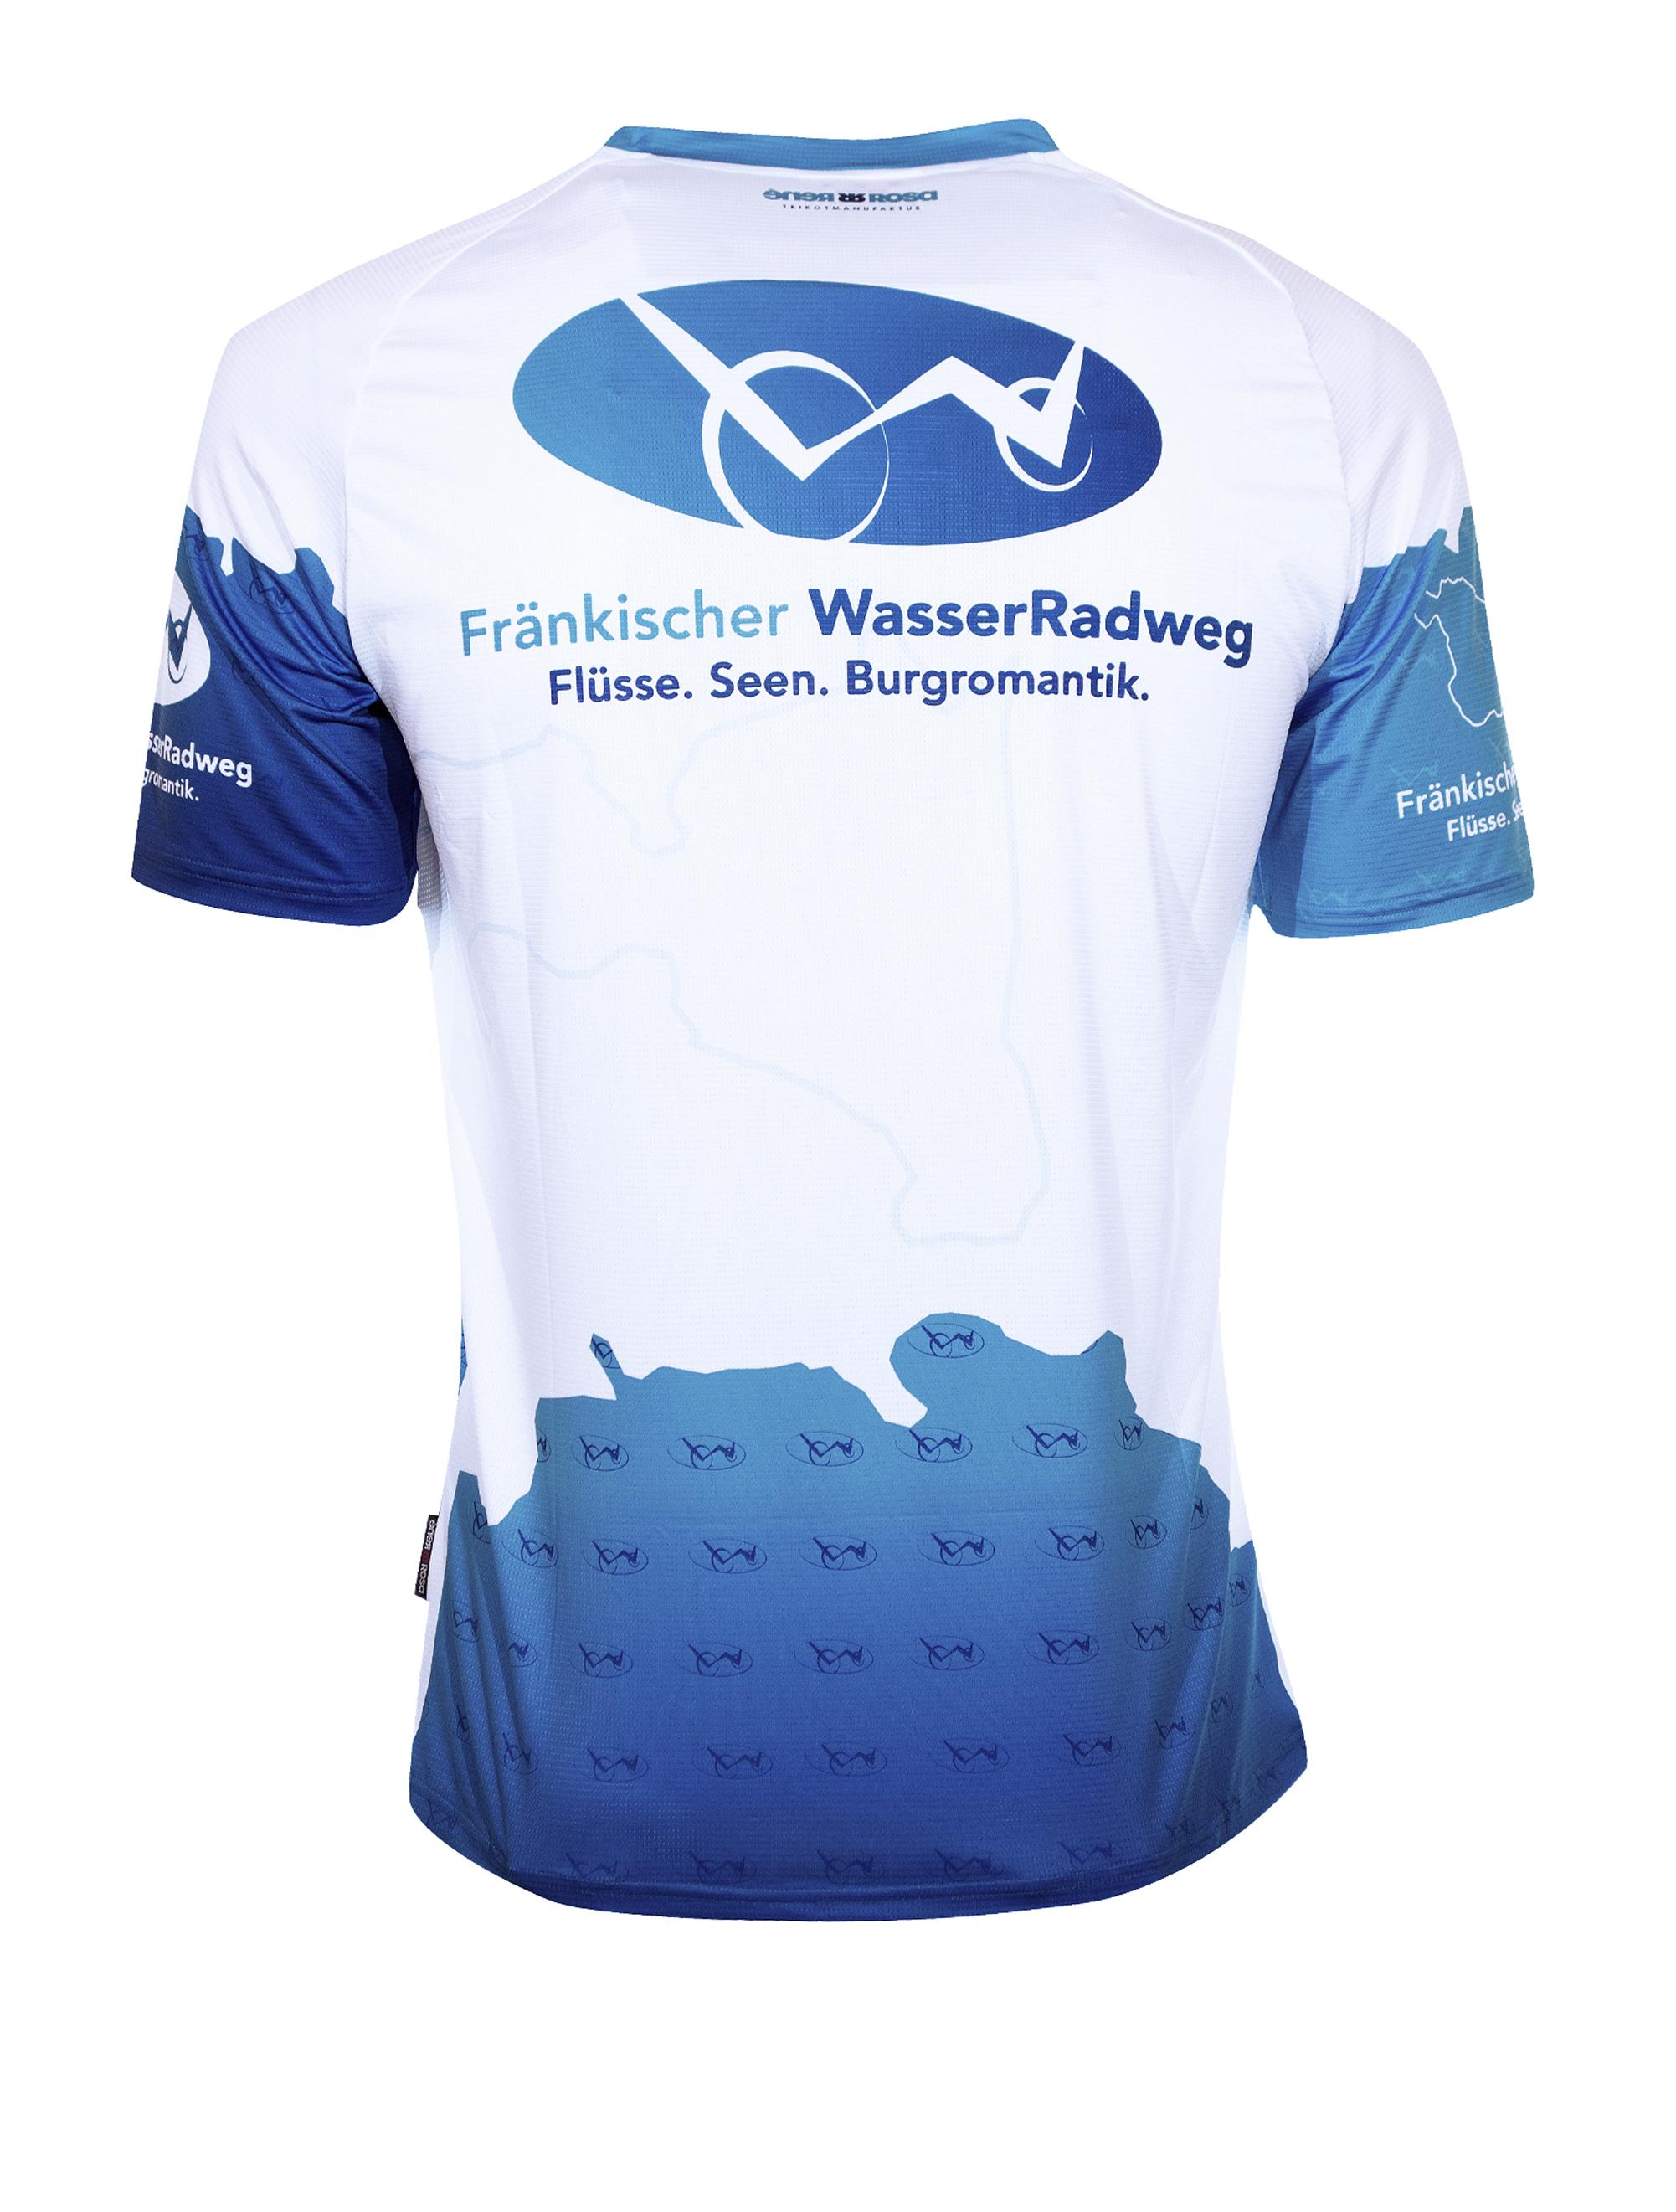 E-Bike Shirt RRT805M / Fränkischer WasserRadweg